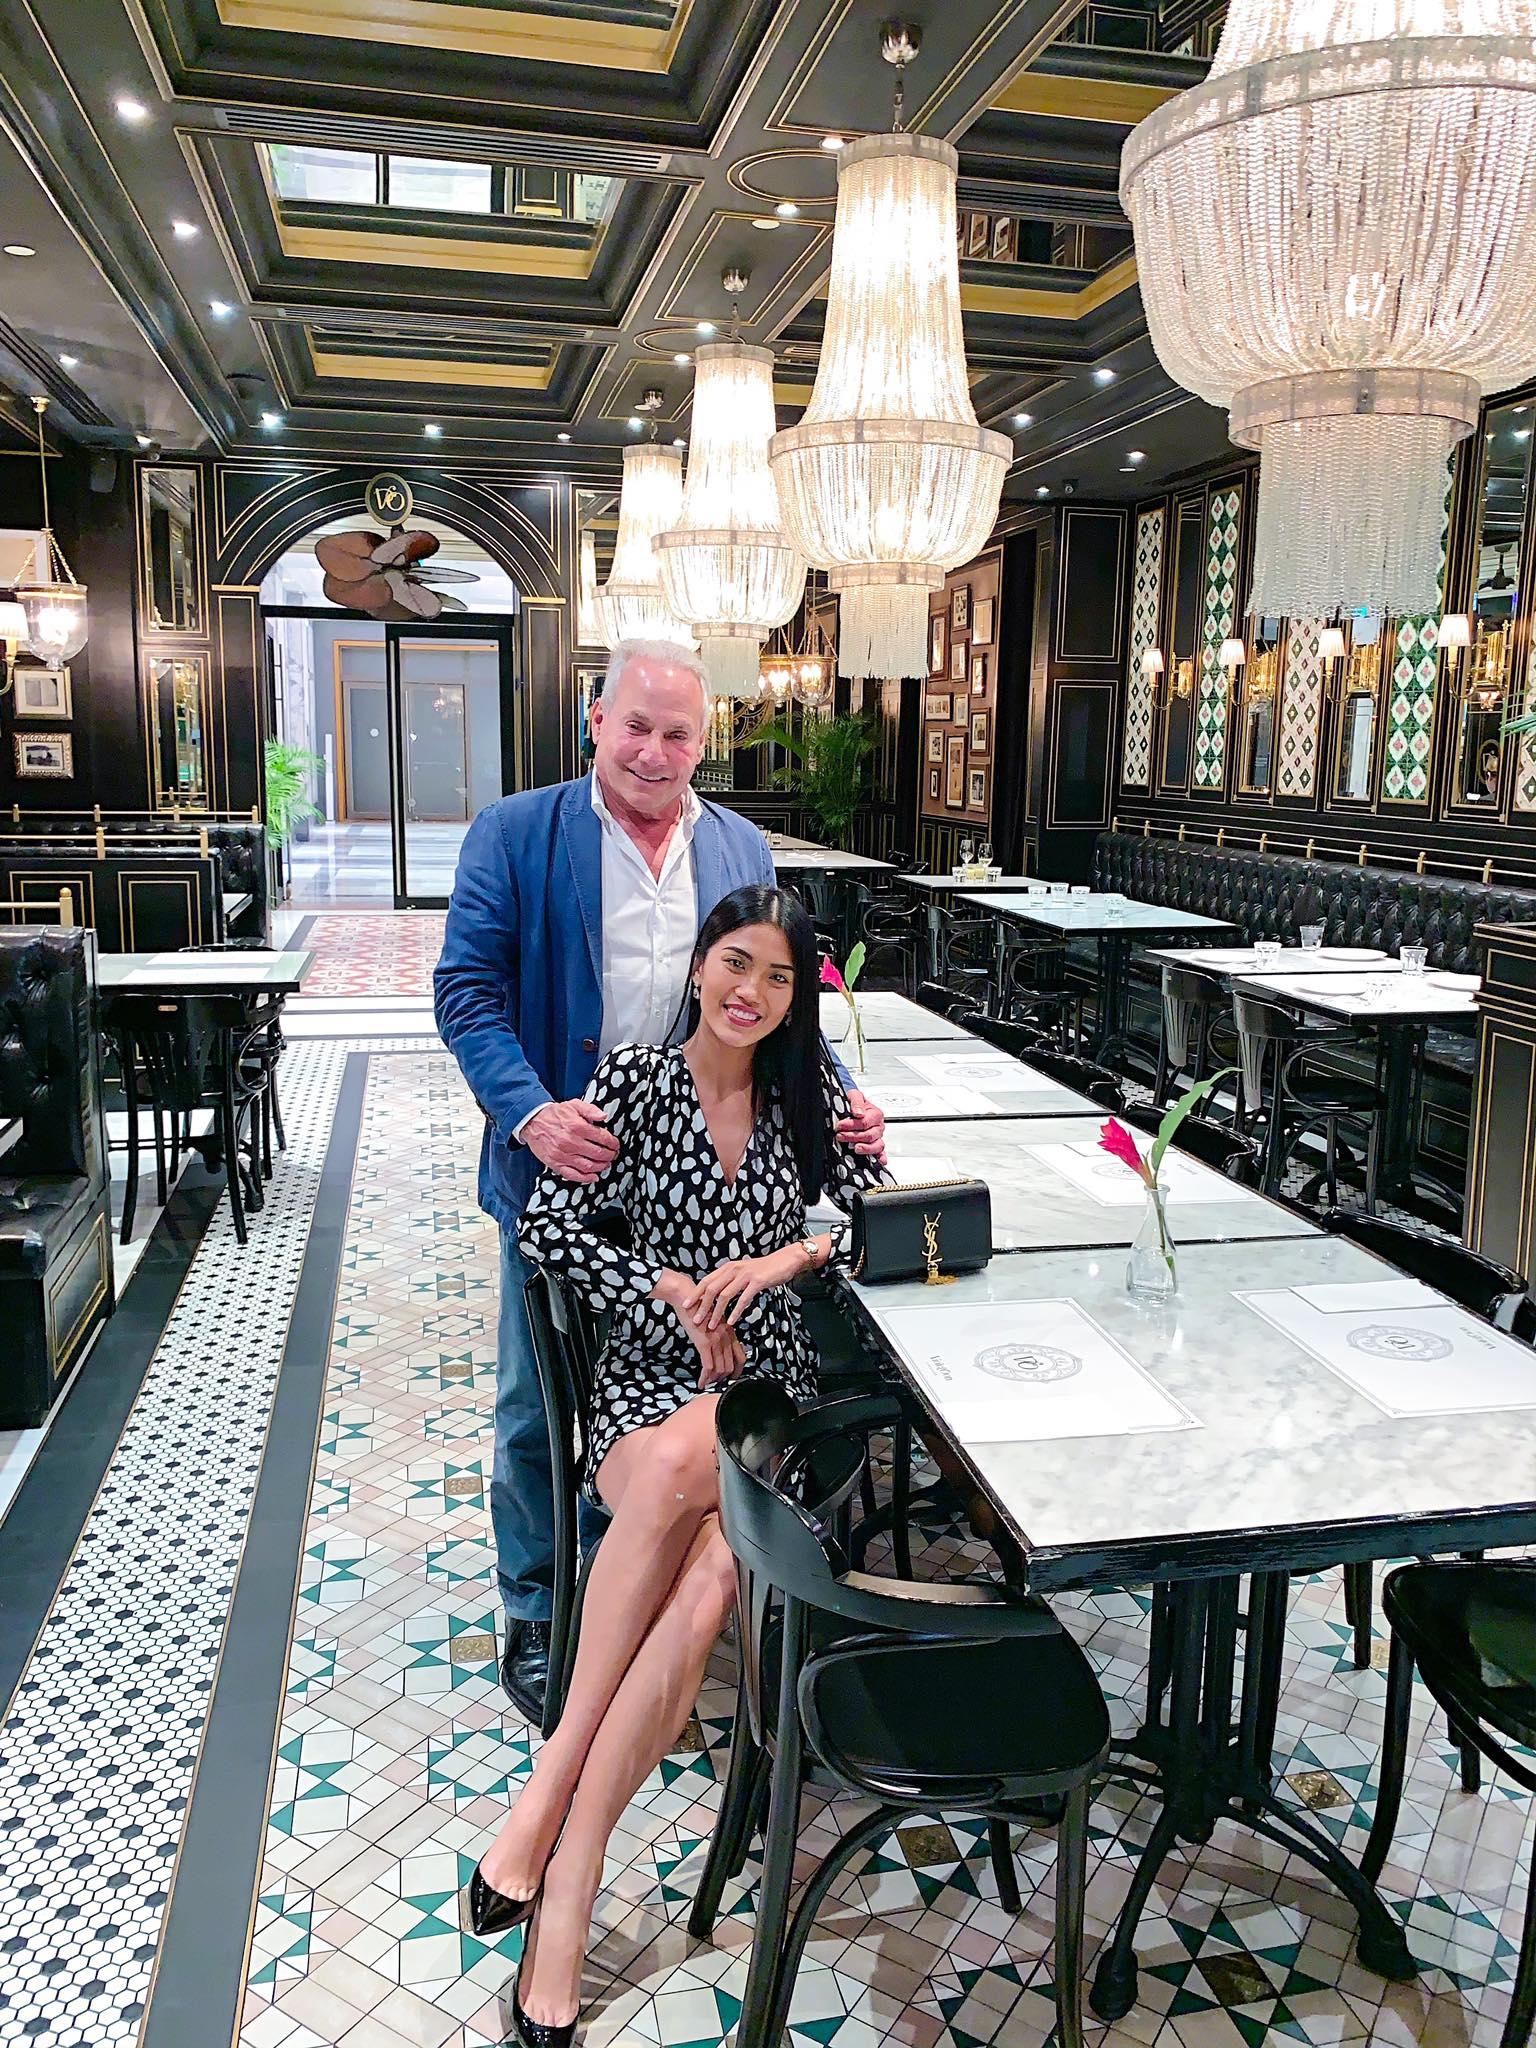 Cô gái Việt 26 tuổi tuyên bố chia tay tỷ phú Mỹ 72 tuổi dù đã đính hôn ở khách sạn 6 sao: Quyết chấm dứt vì lý do không tin nổi-6